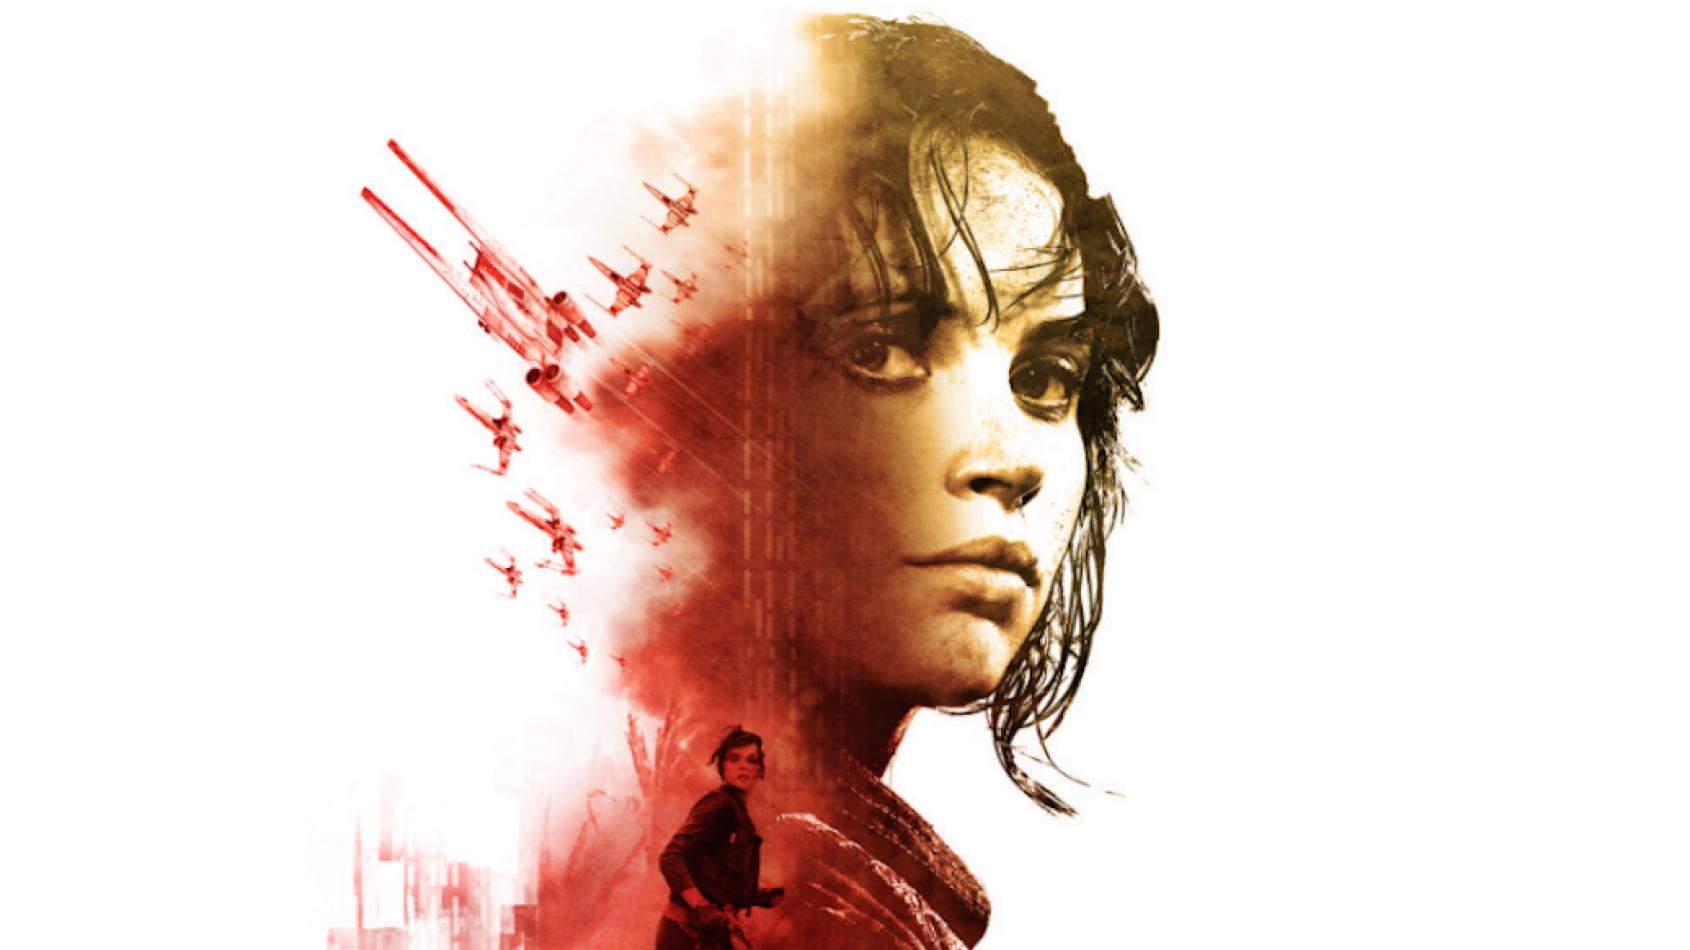 Trois romans autour de Rogue One prévus !